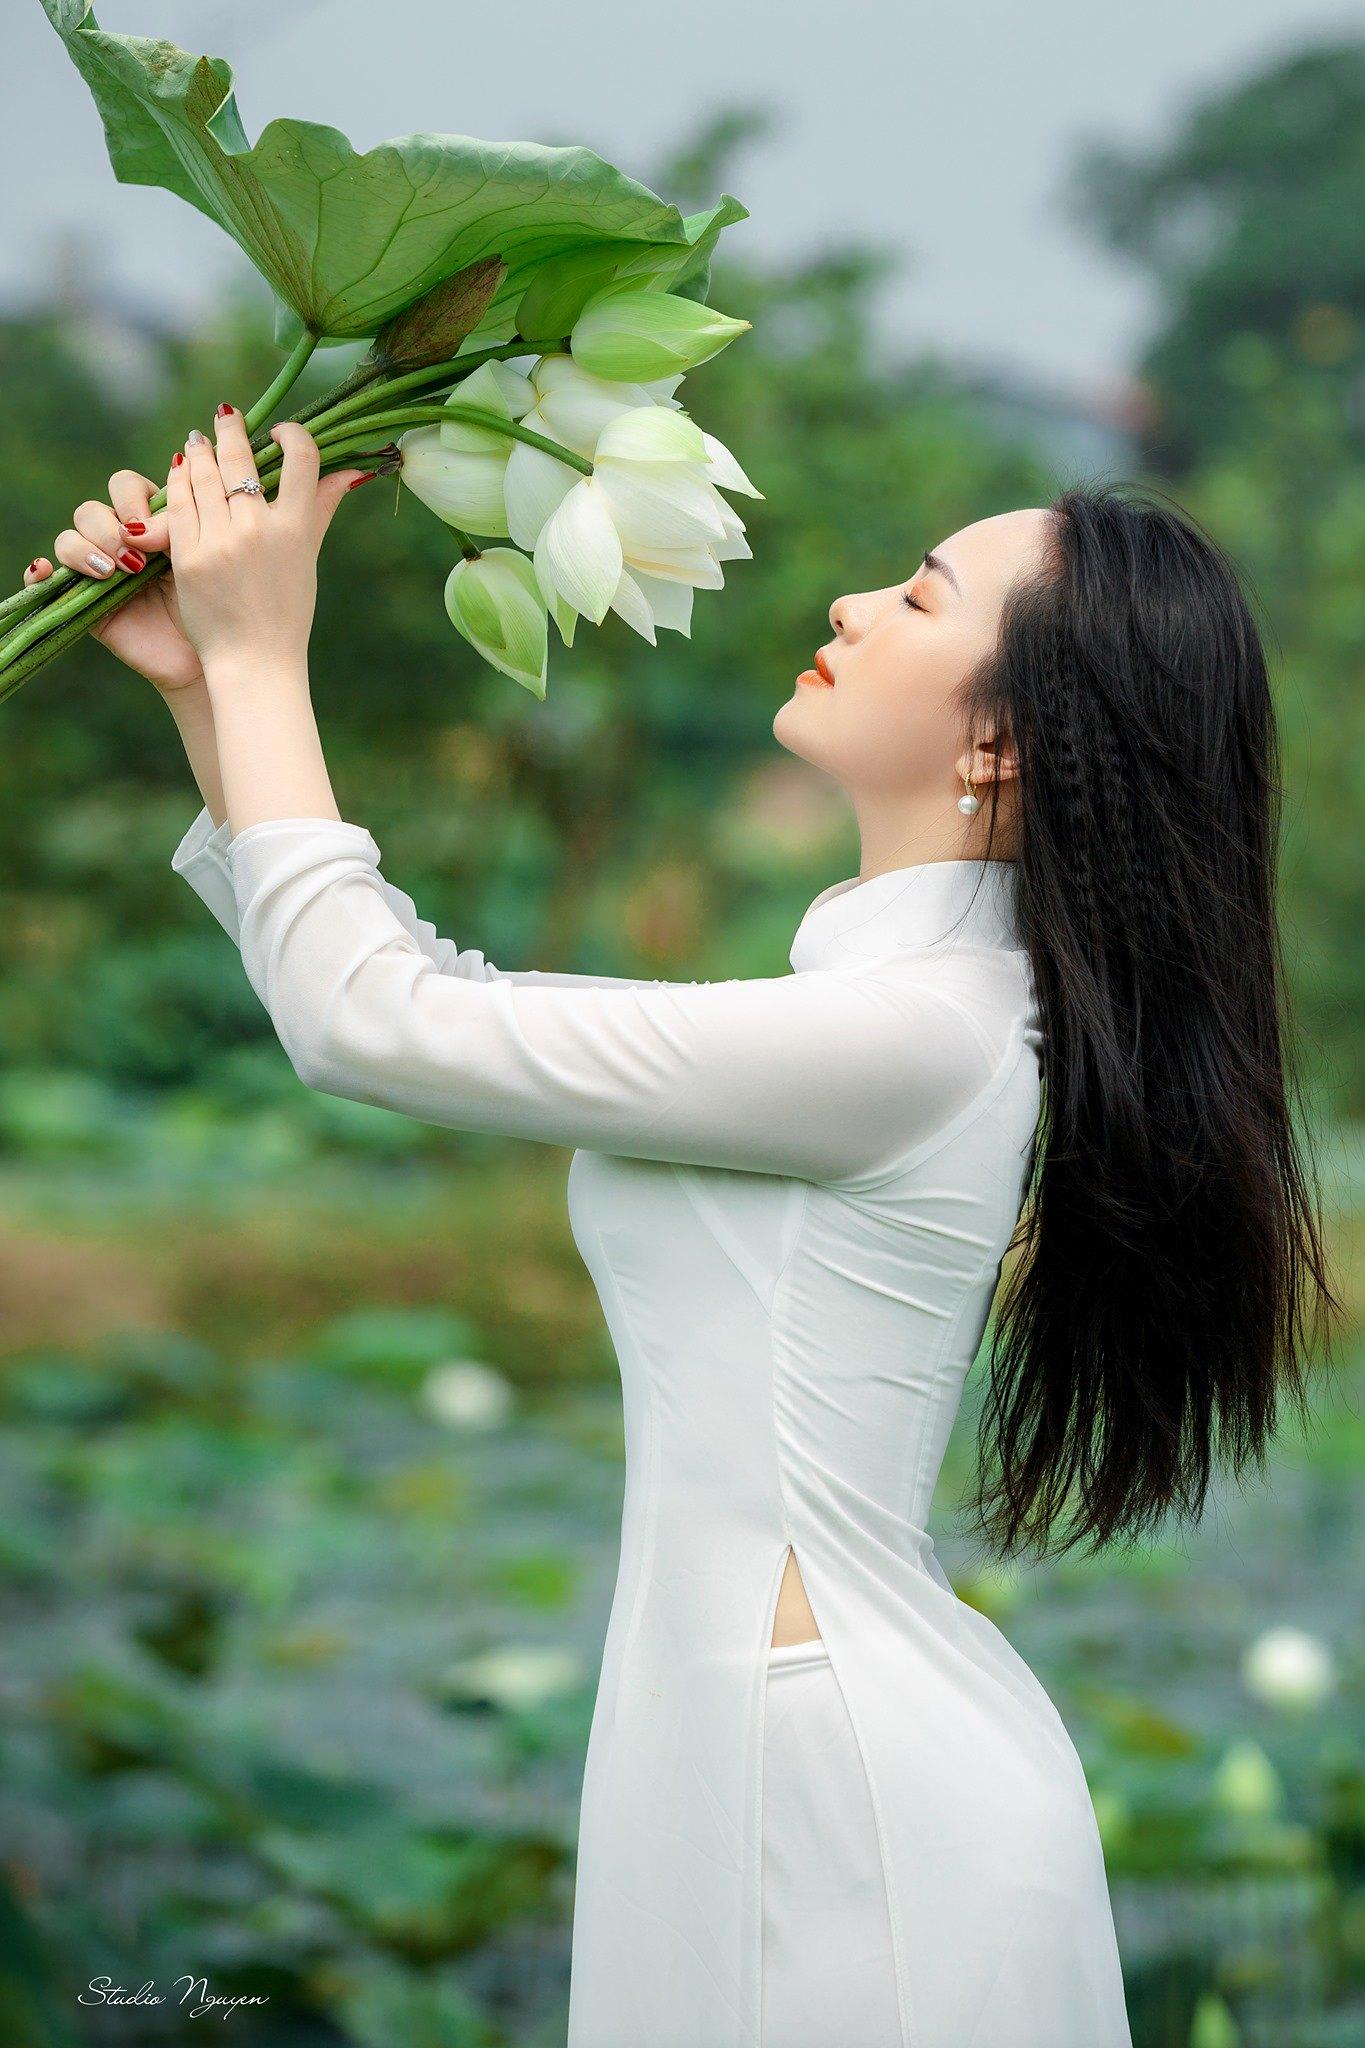 Tuyển tập girl xinh gái đẹp Việt Nam mặc áo dài đẹp mê hồn #57 - 7